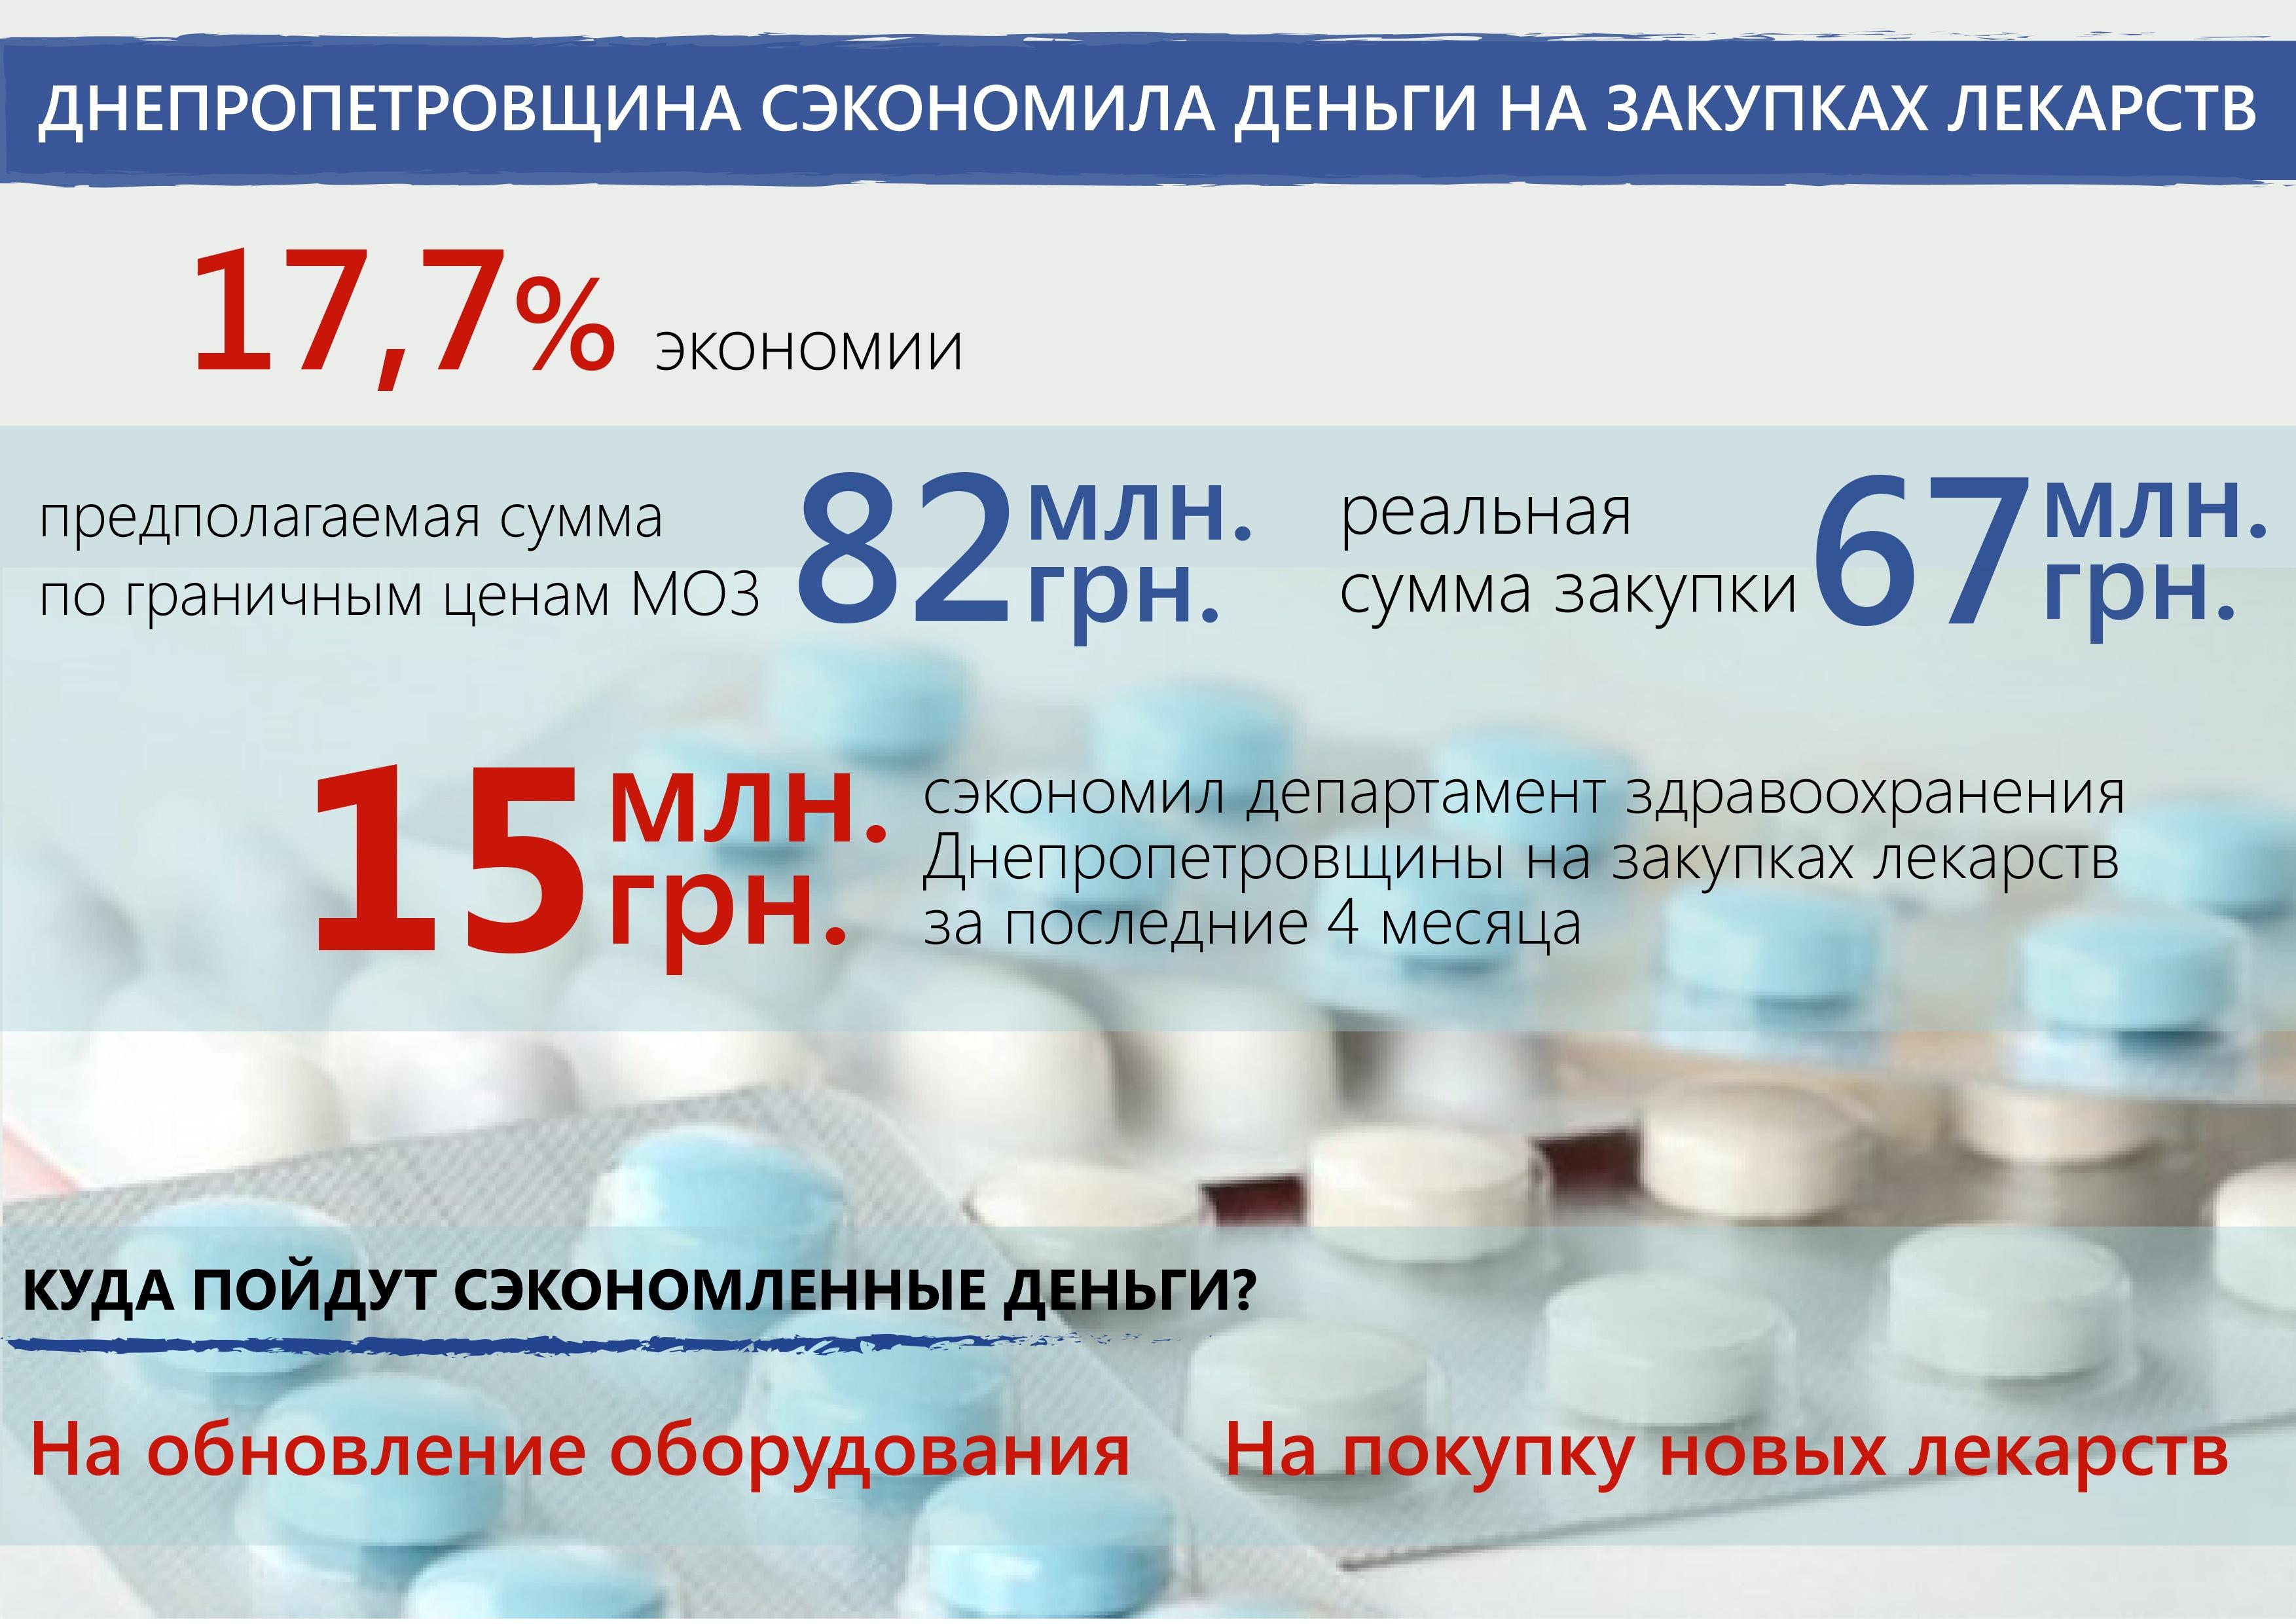 Детская больница серпухов официальный сайт